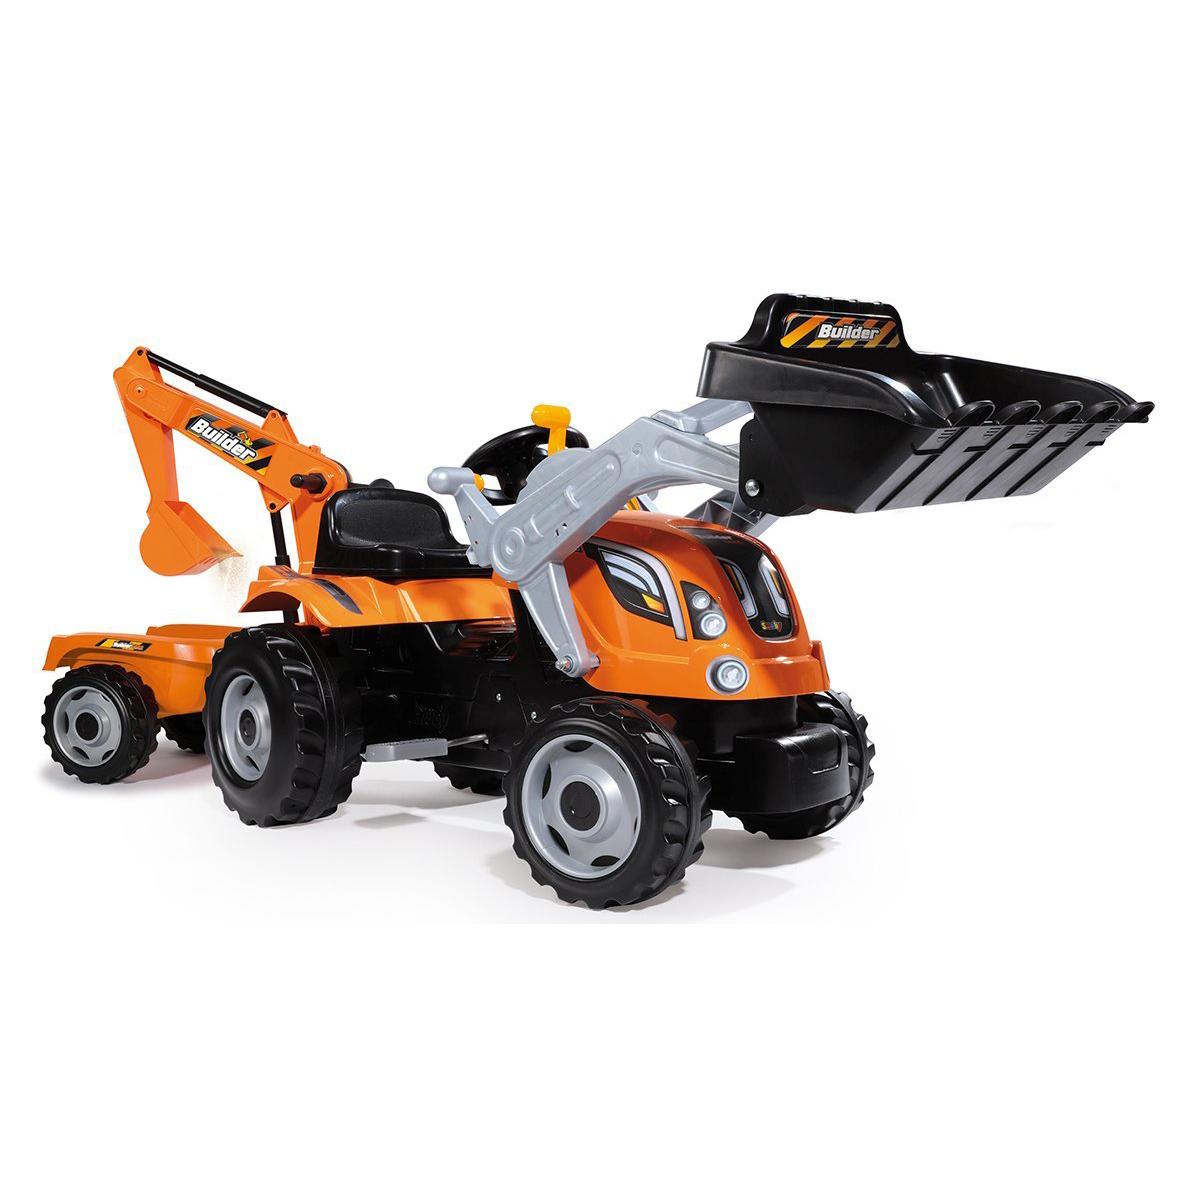 Трактор Smoby педальный строительный с 2-мя ковшами и прицепамиПедальные машины и трактора<br>Трактор Smoby педальный строительный с 2-мя ковшами и прицепами<br>